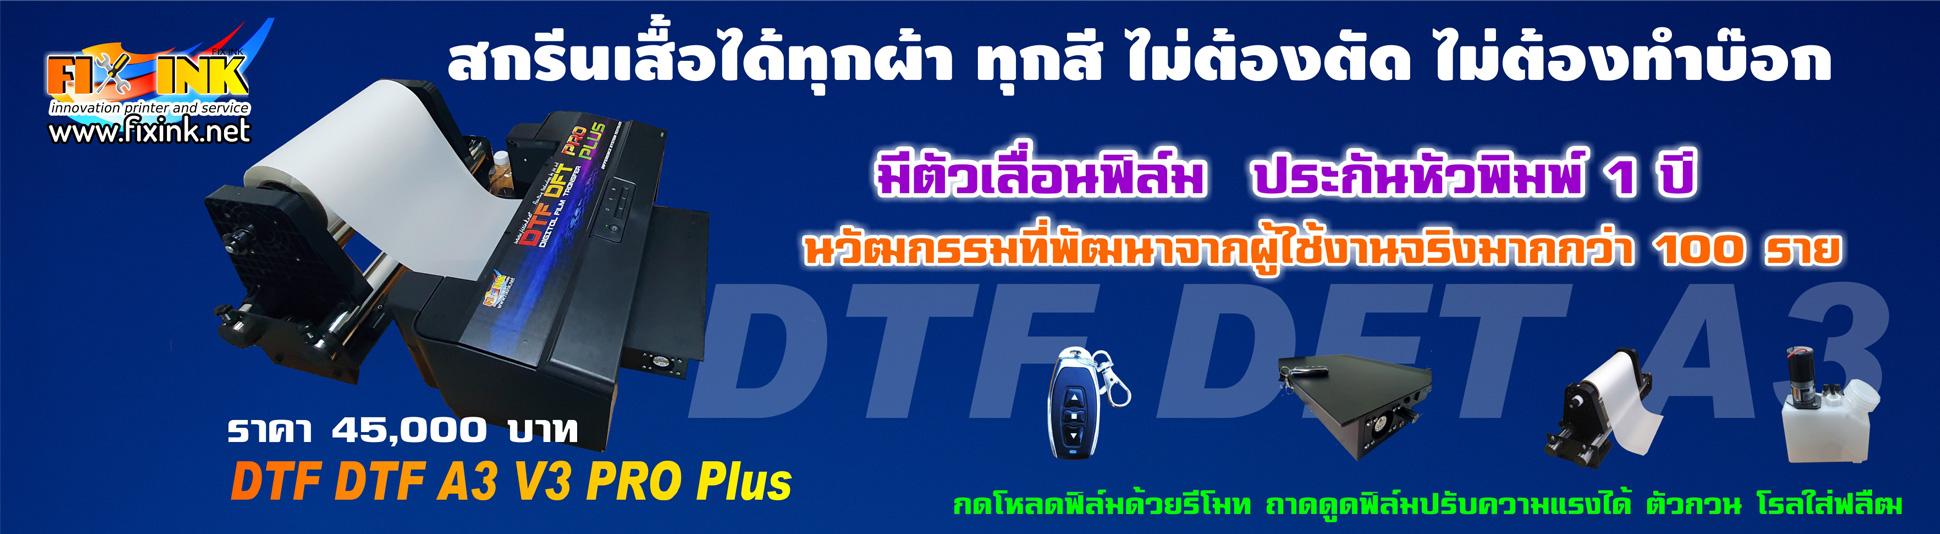 dtf-a3-pro-plus.jpg